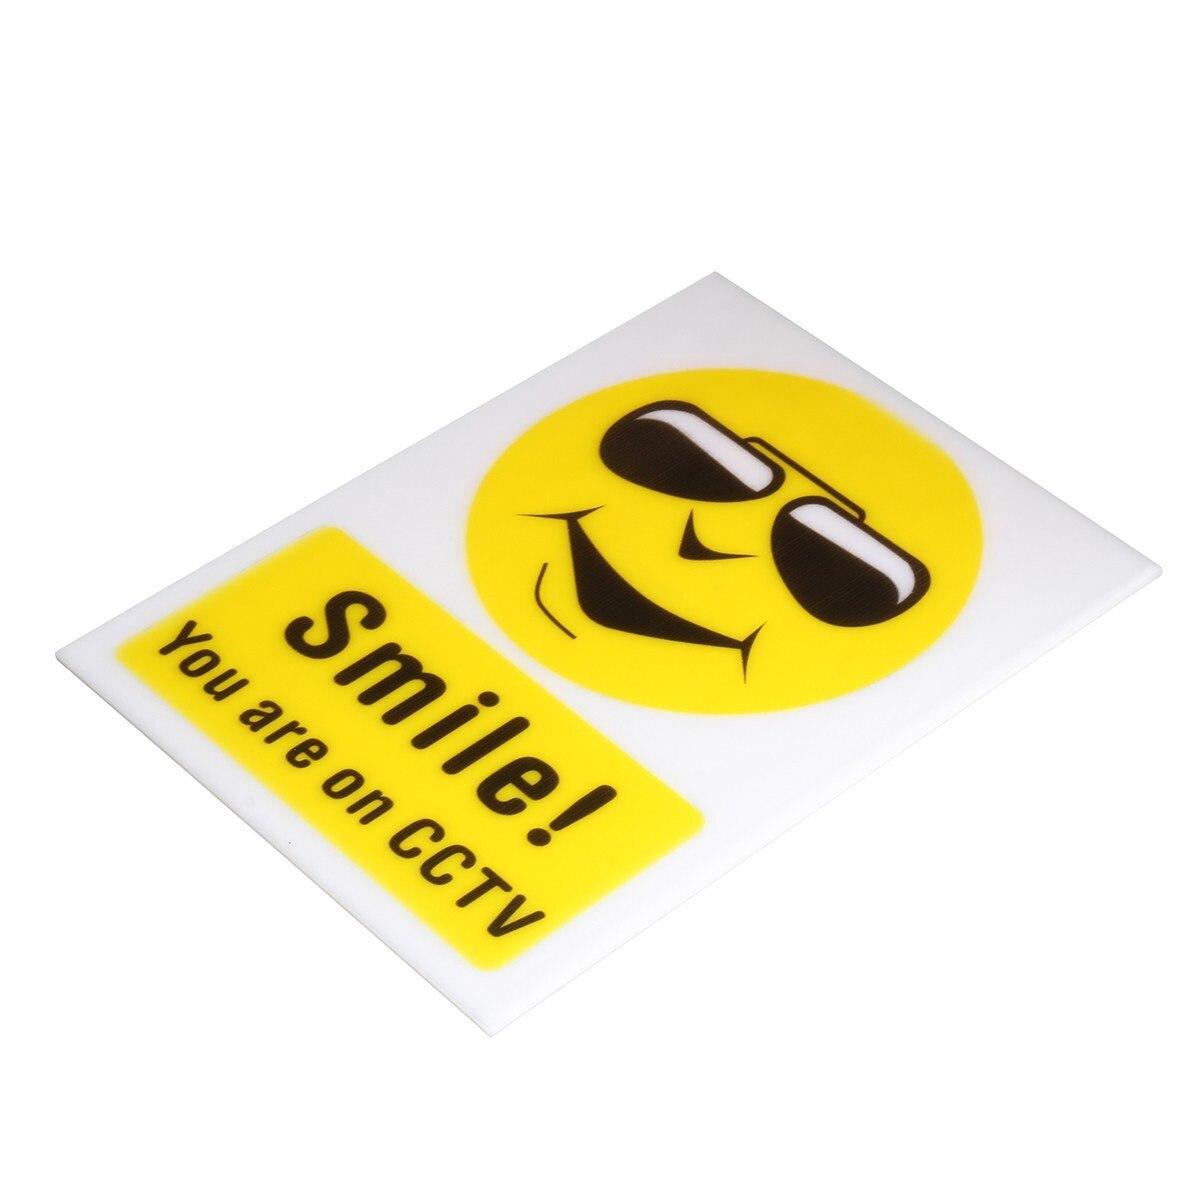 Новый safurance улыбка вы находитесь на CCTV видео Камера Стикеры/Акриловые безопасности Предупреждение Знак Наклейка Home безопасности